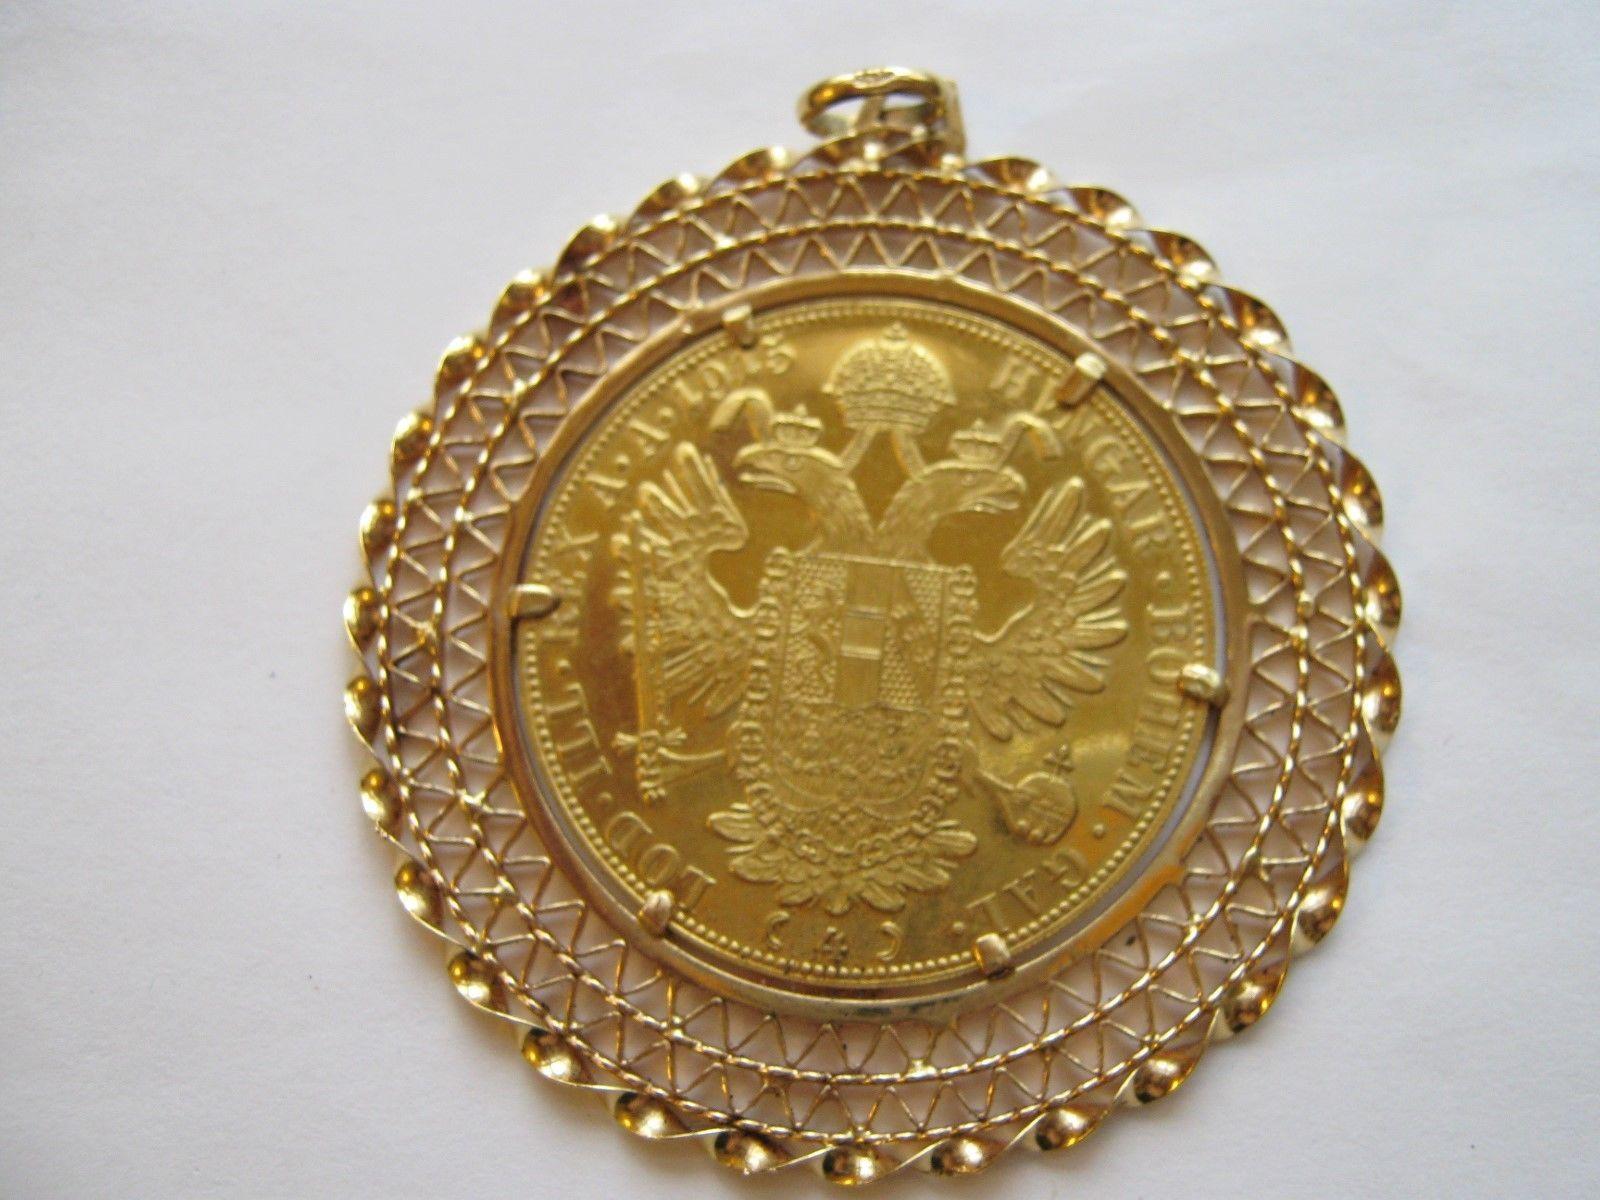 franc ios idg avstriae imperator 1915 gold